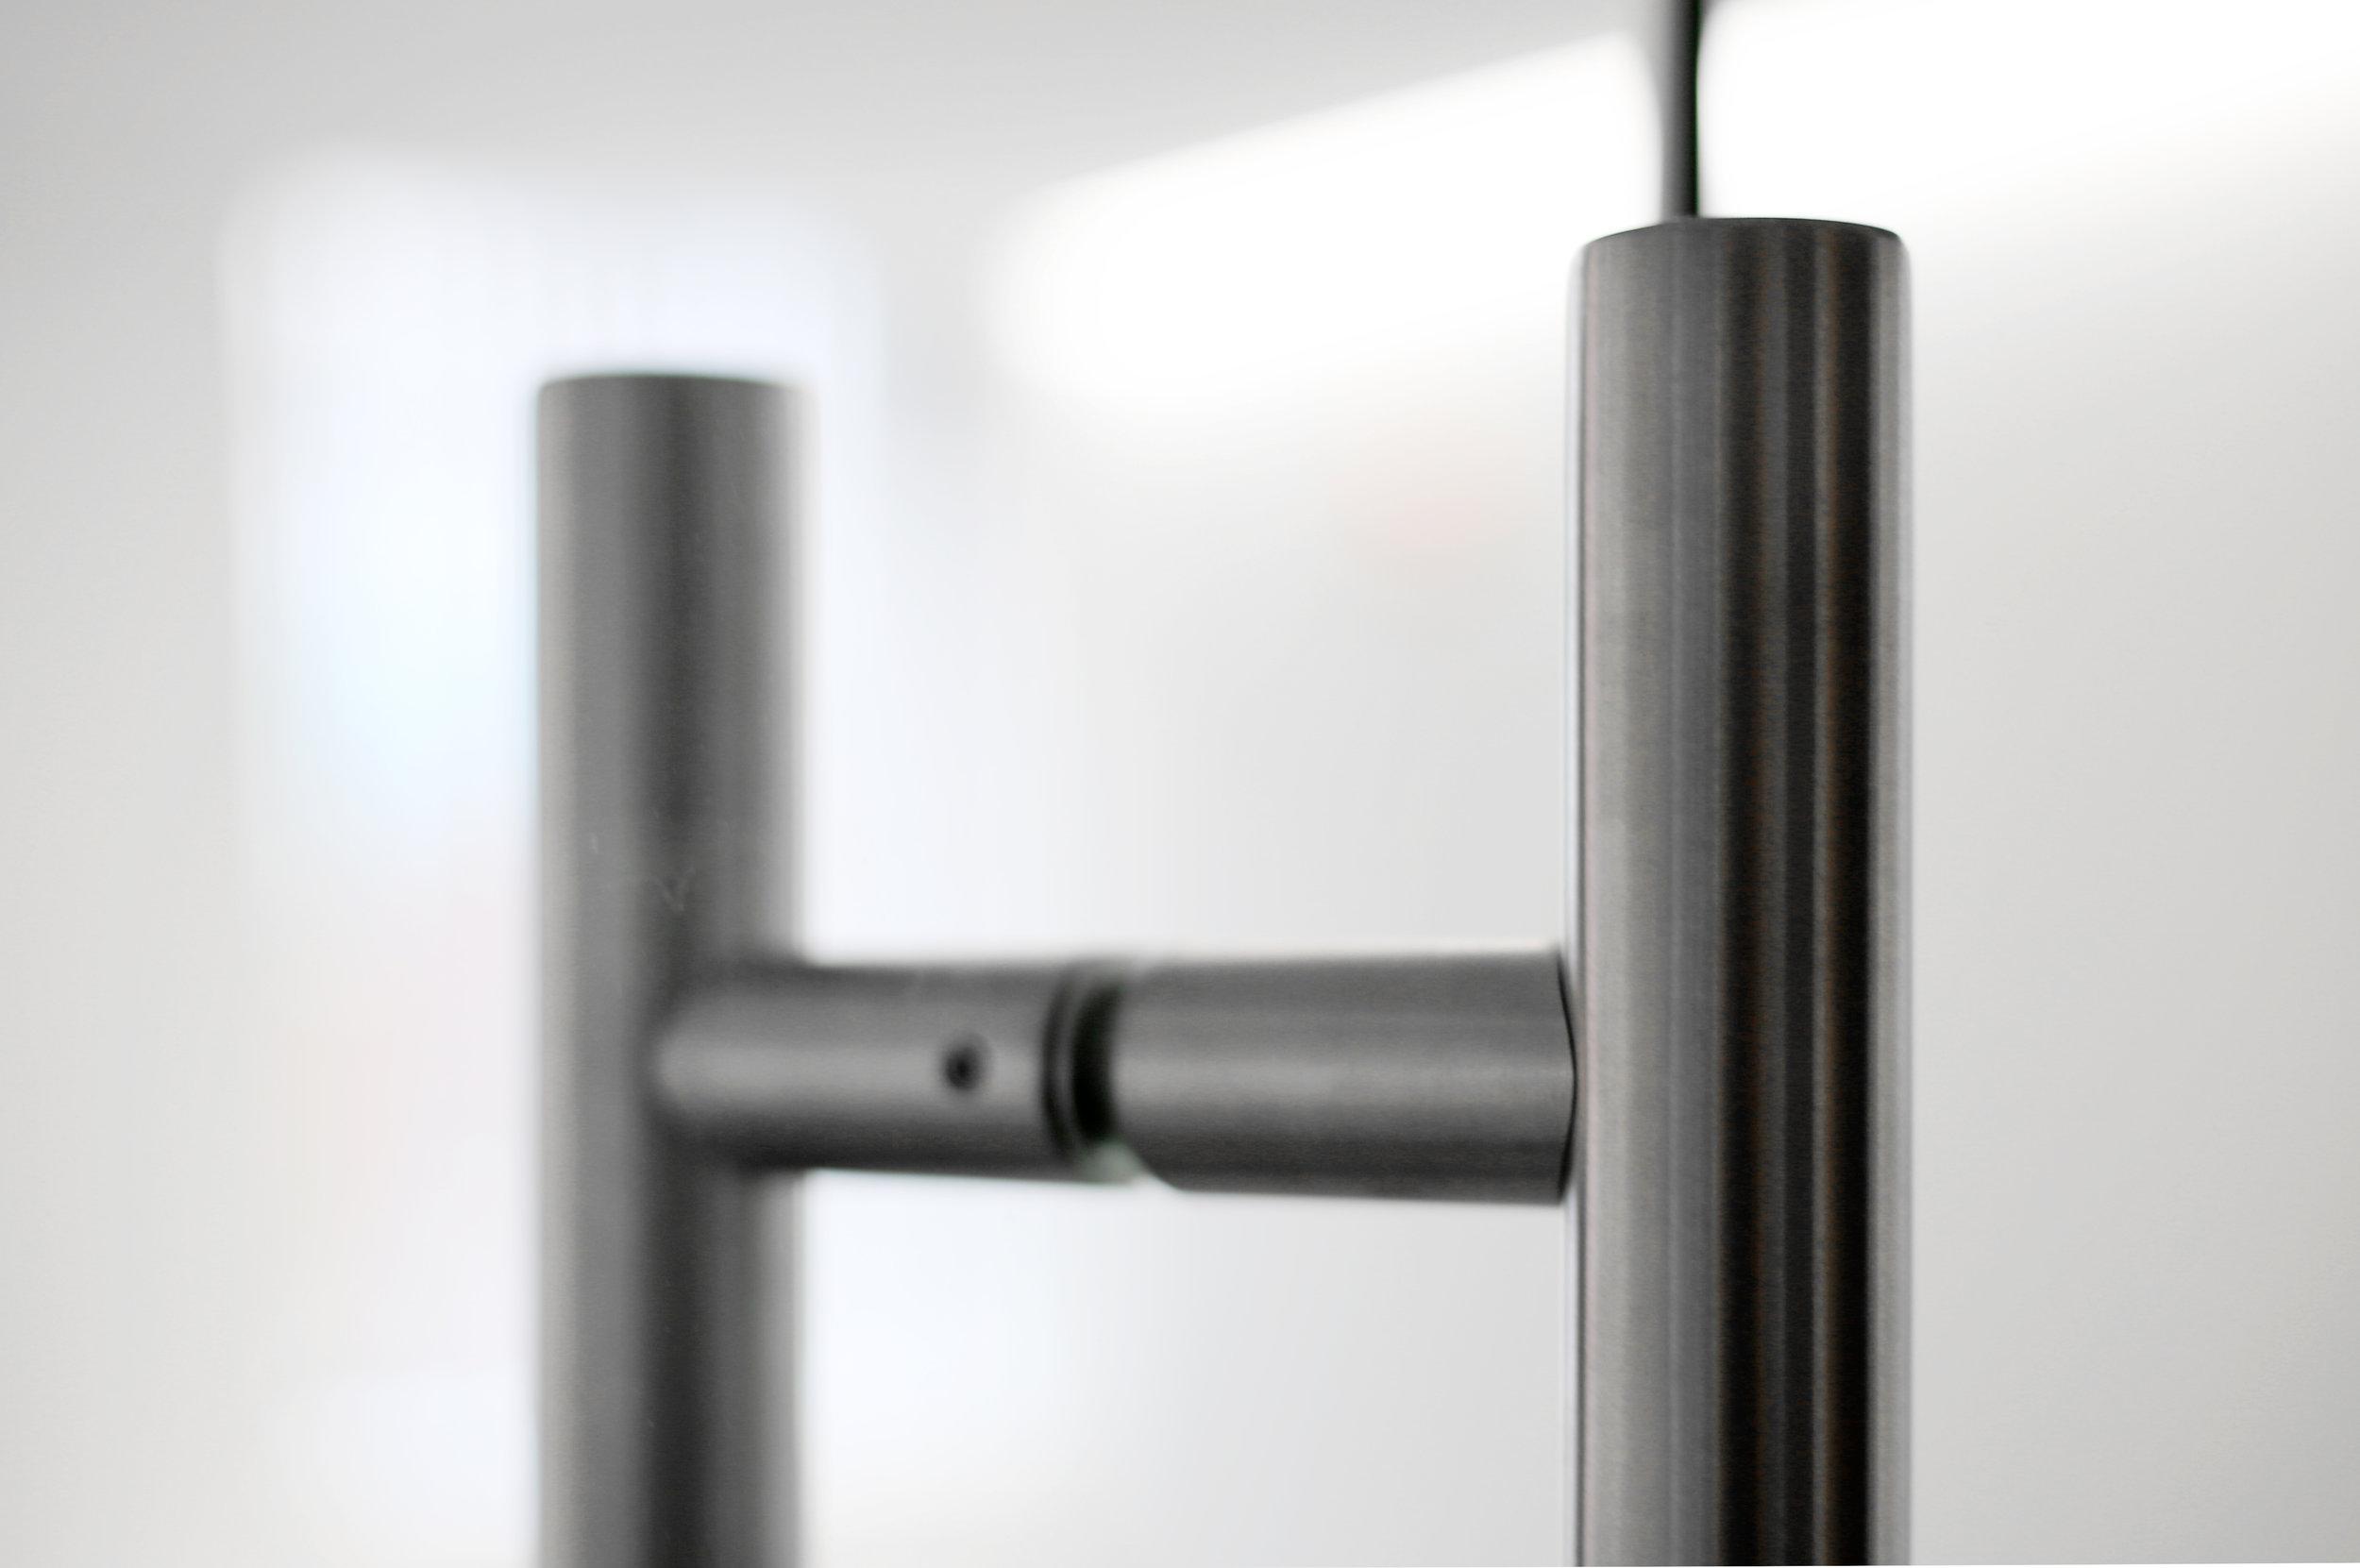 Illume Frameless Glass Ladder Pull - Spaceworks AI.jpg